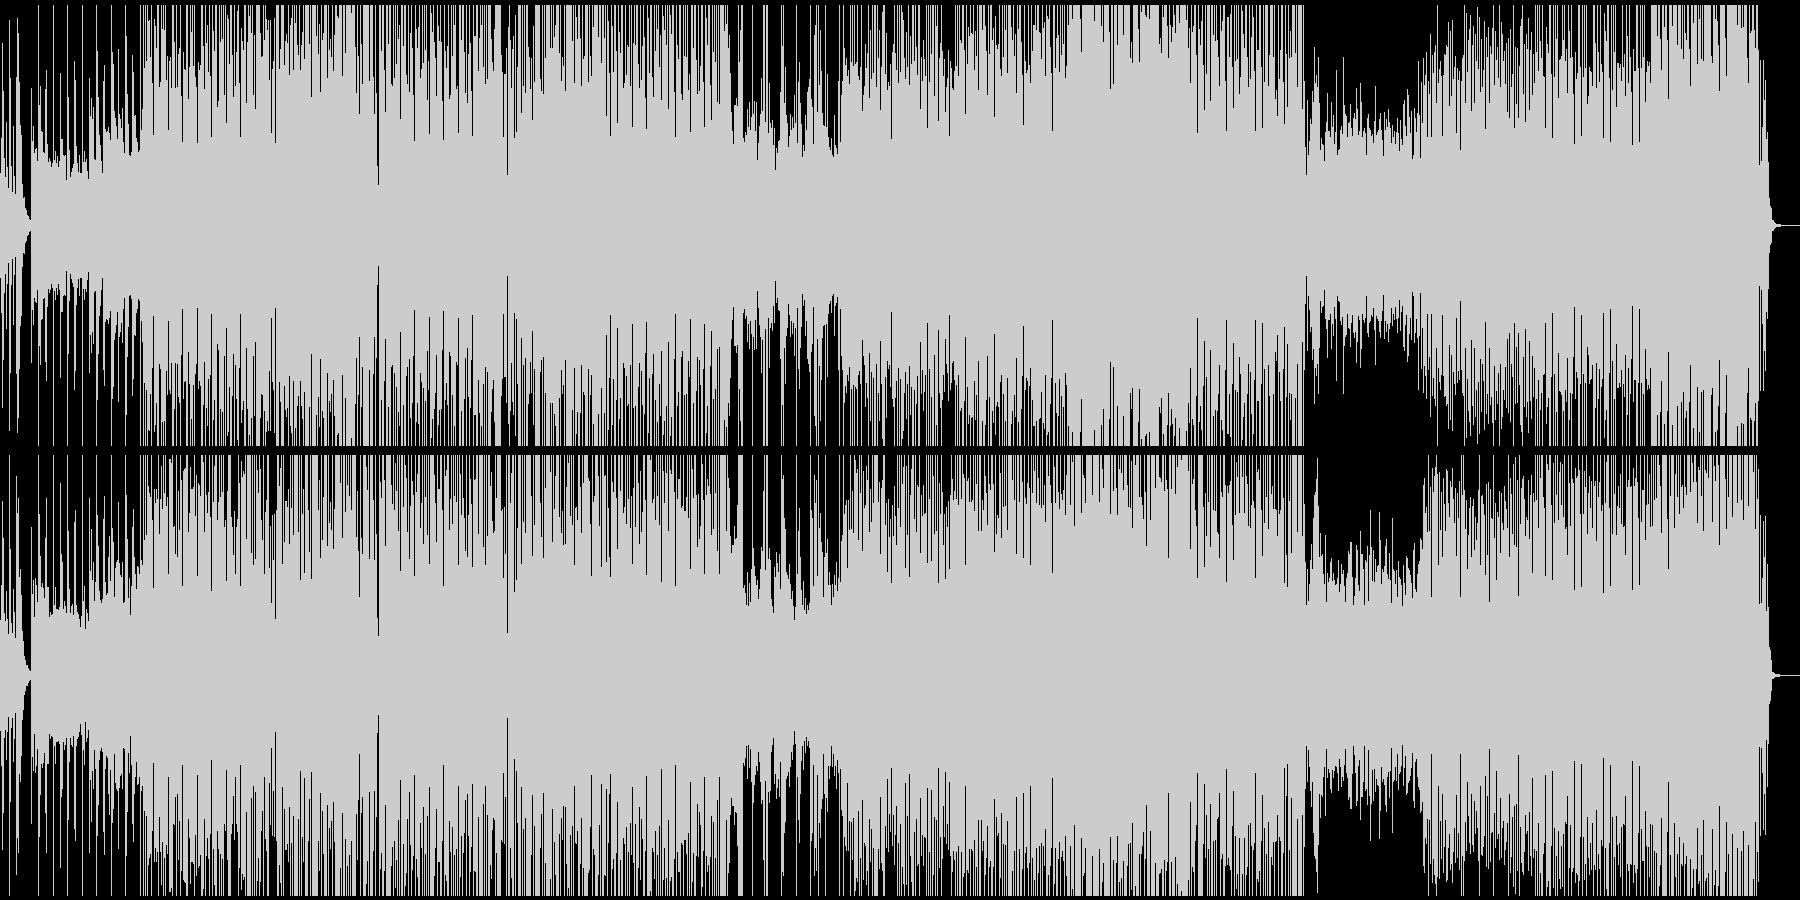 琴、和テイストのビートBGMの未再生の波形